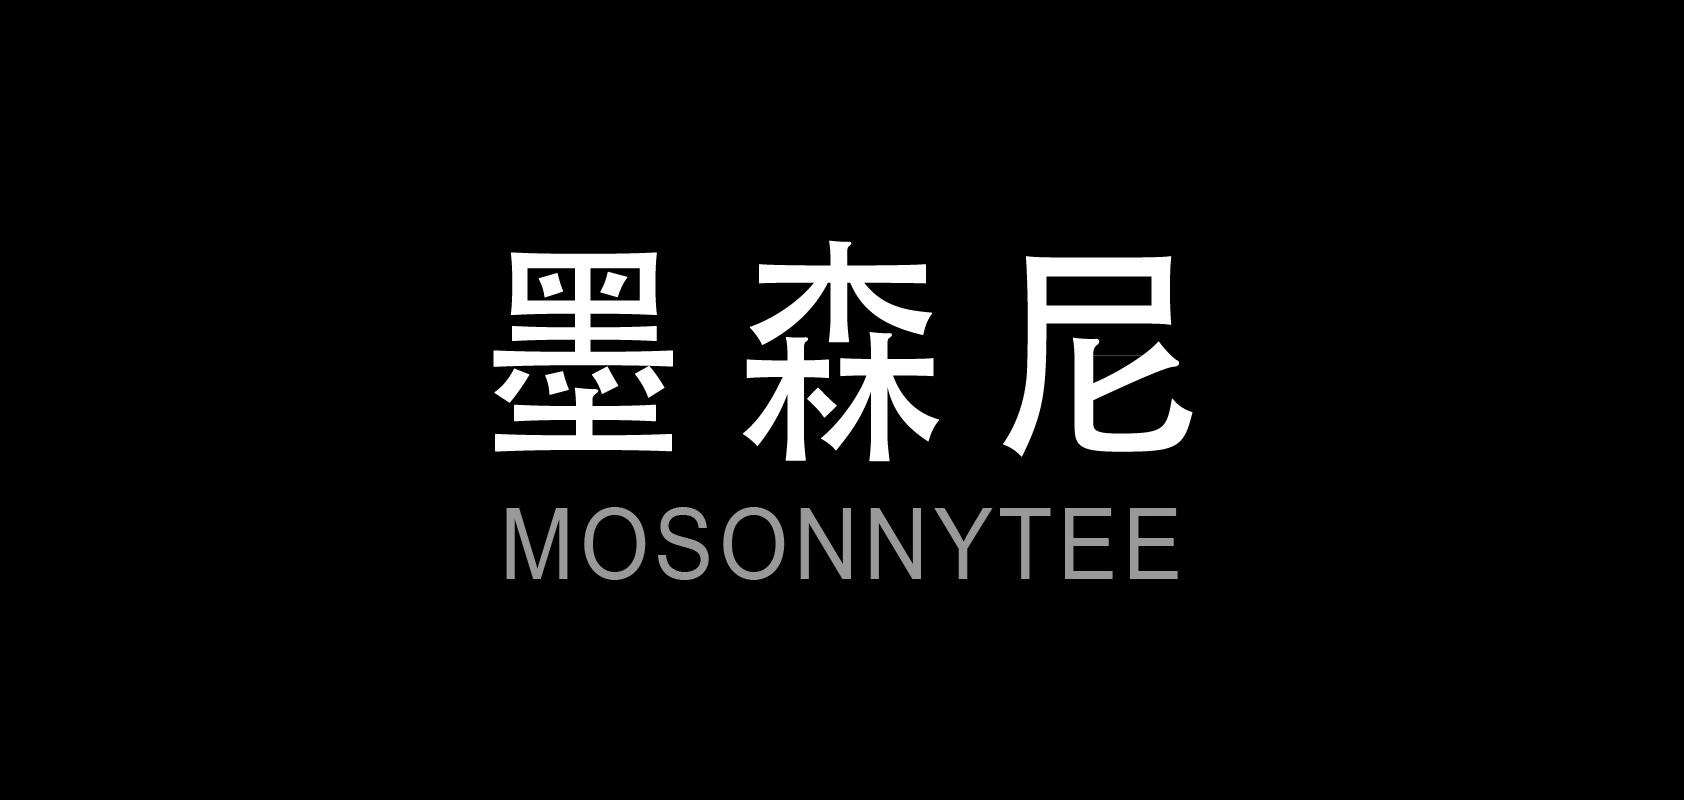 mosonnytee是什么牌子_mosonnytee品牌怎么样?